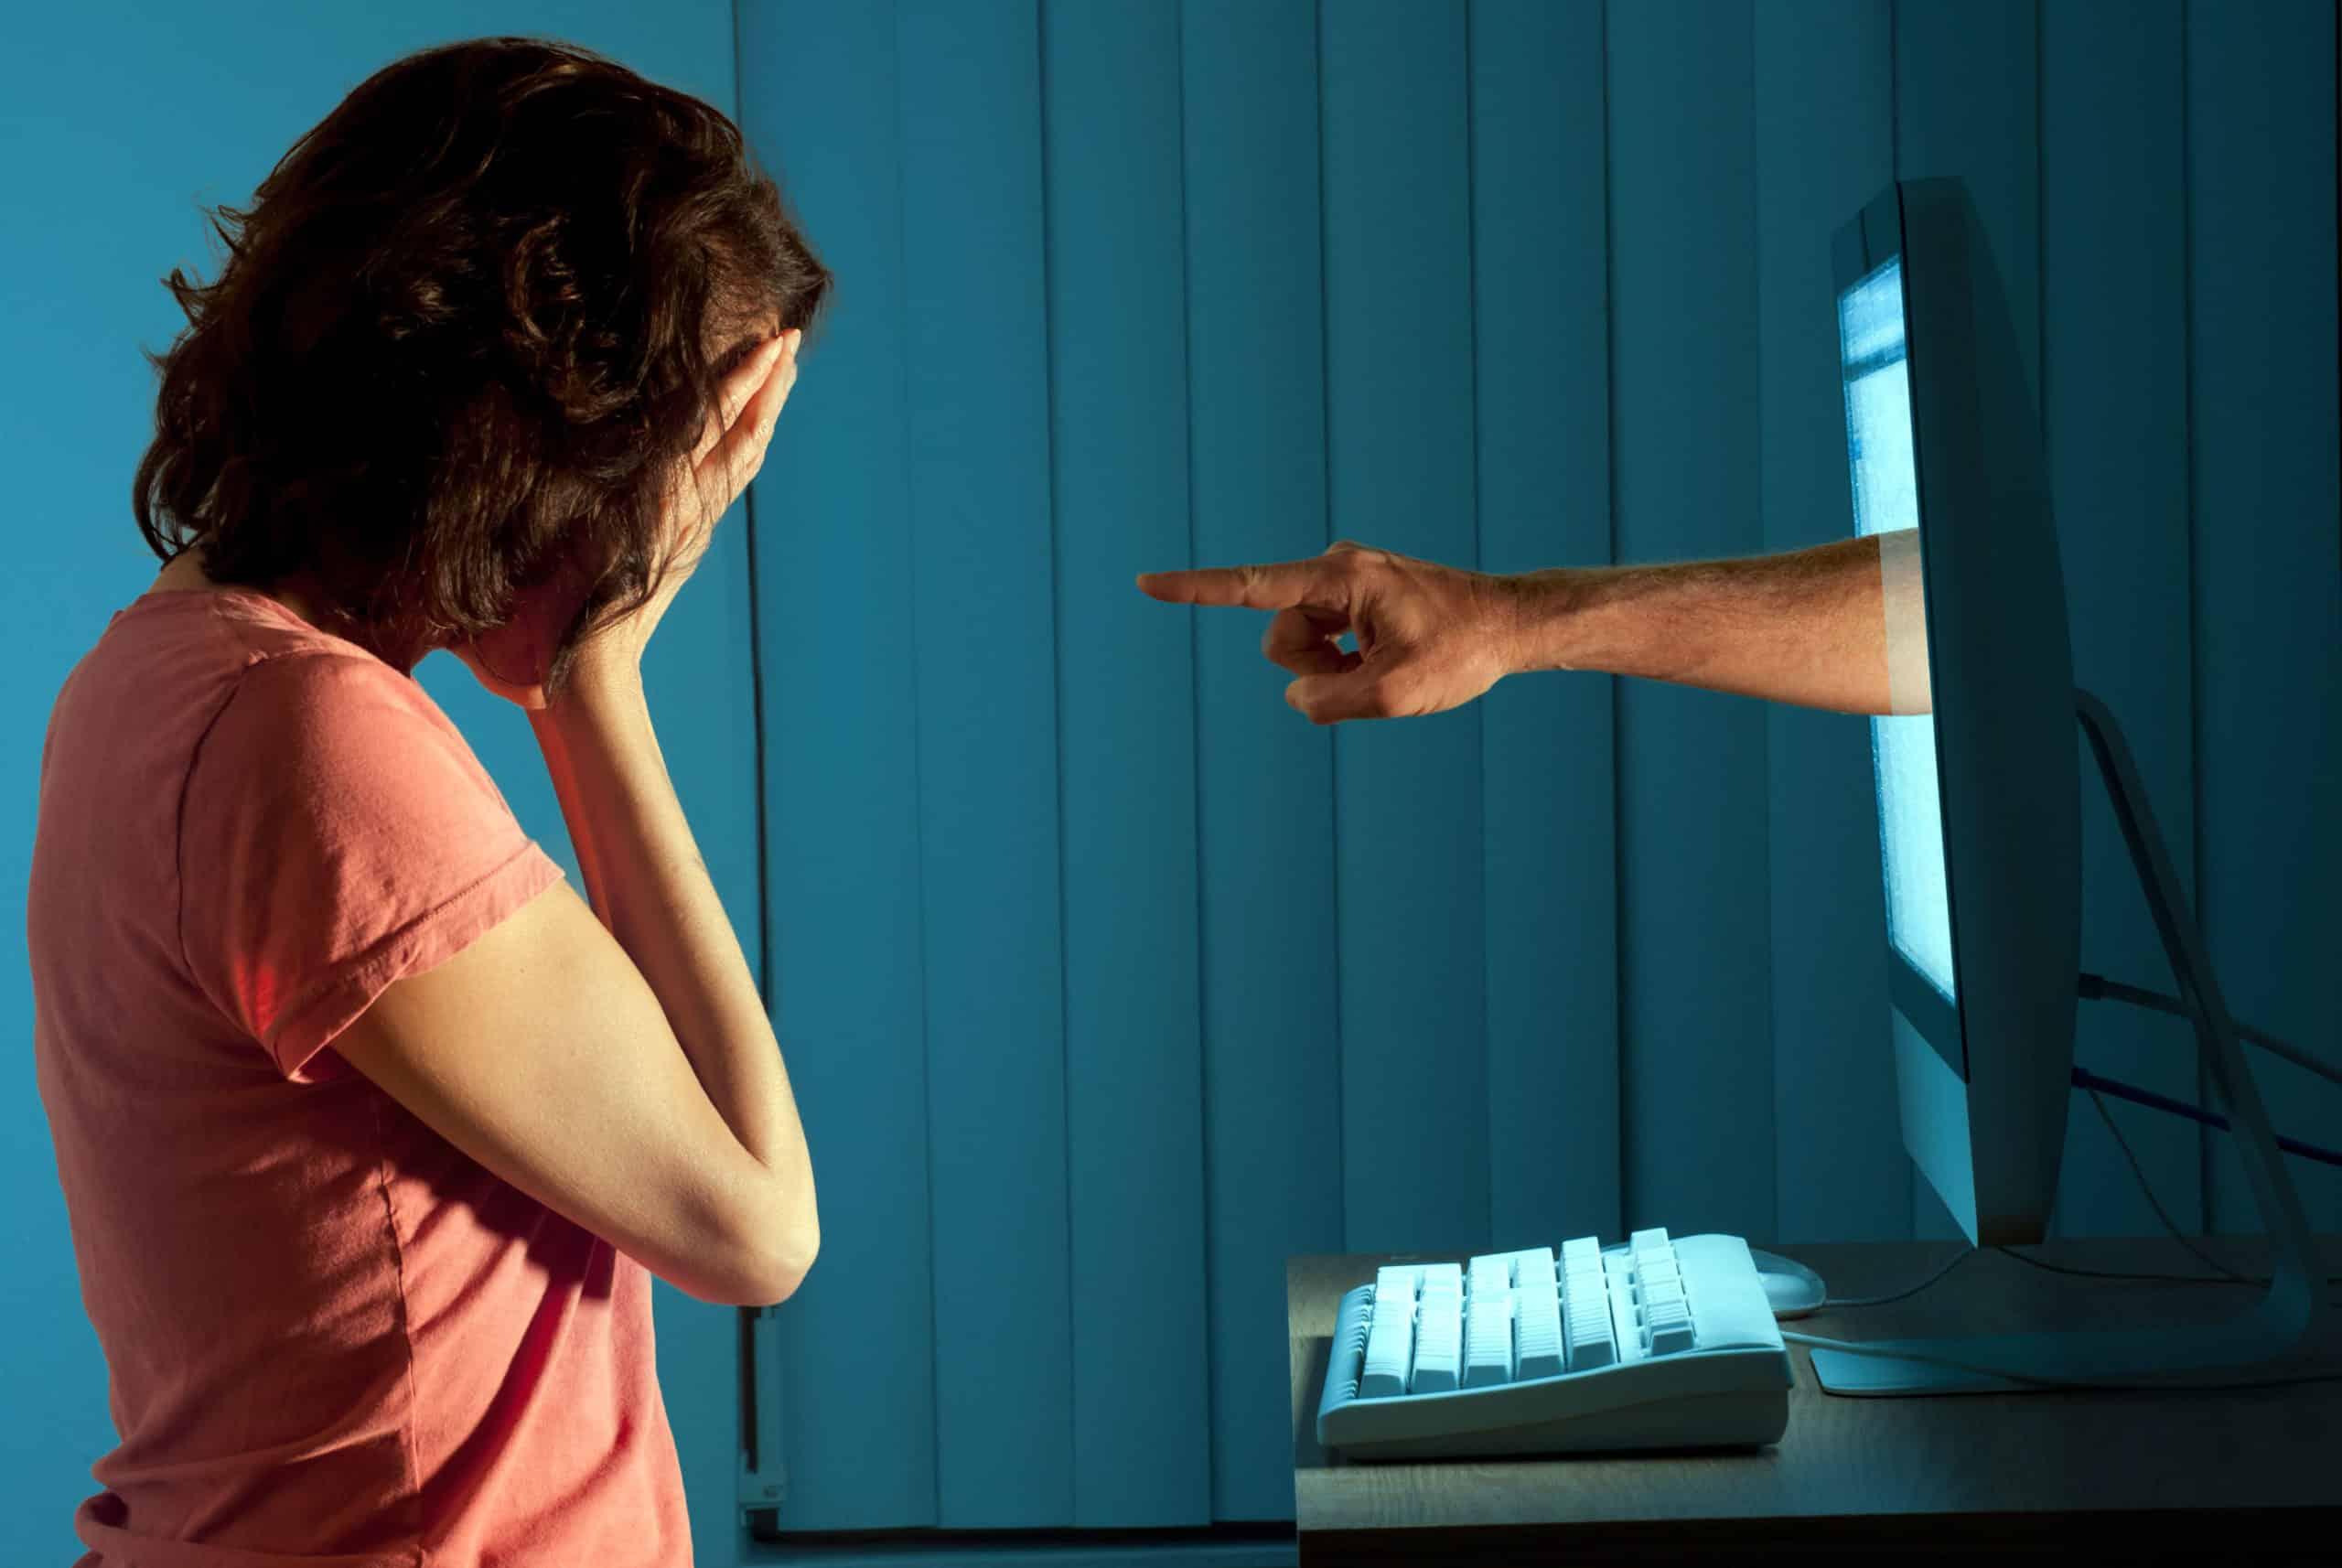 Uno de cinco adolescentes entre 12 y 15 años ha sido víctima de ciberacosos.